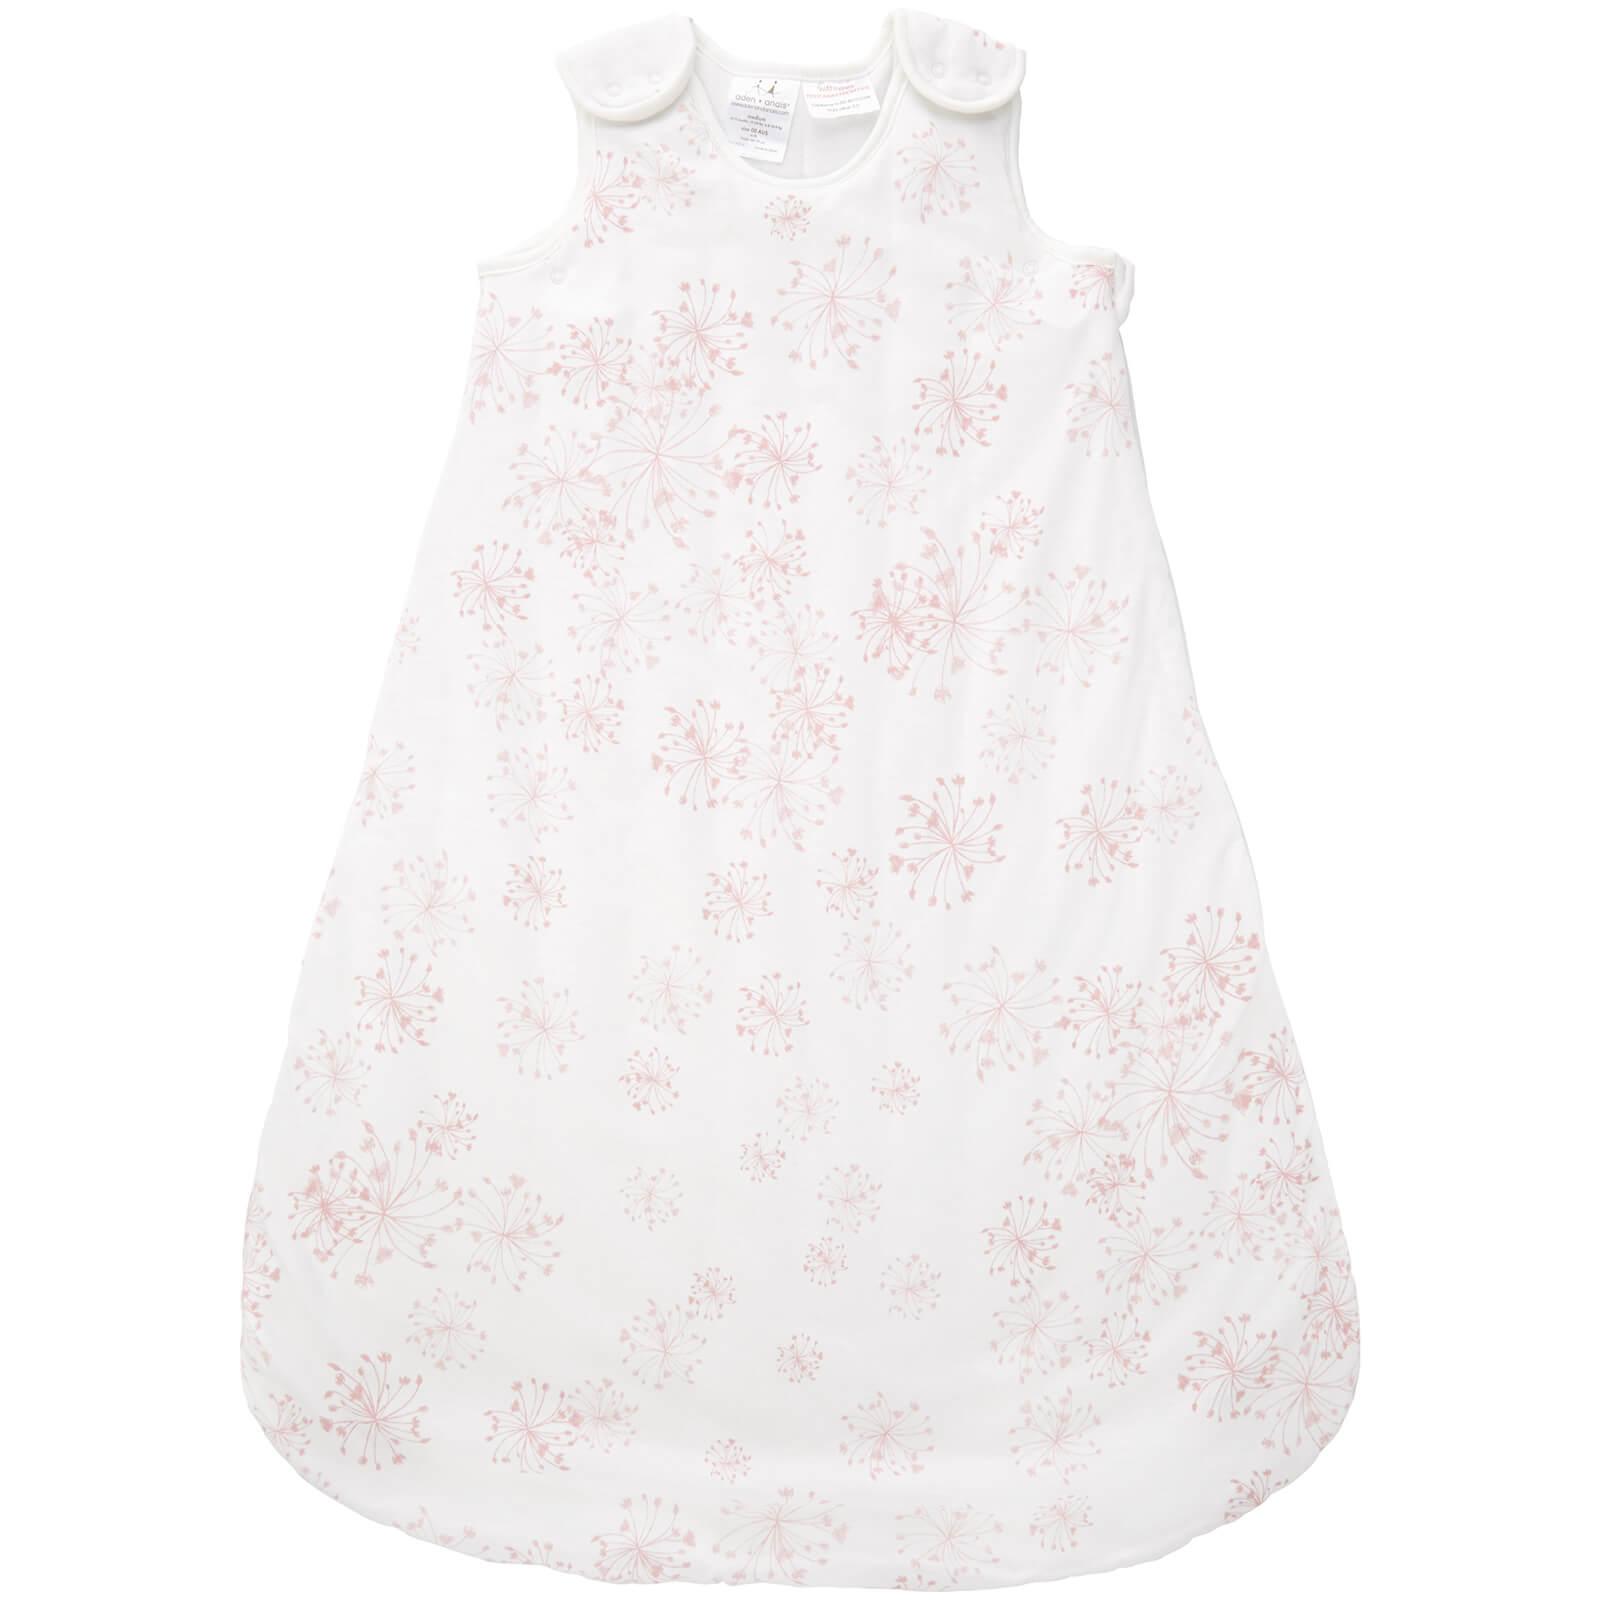 aden + anais Winter Sleeping Bag Lovely Reverie - Dandelion - 0-6 Months